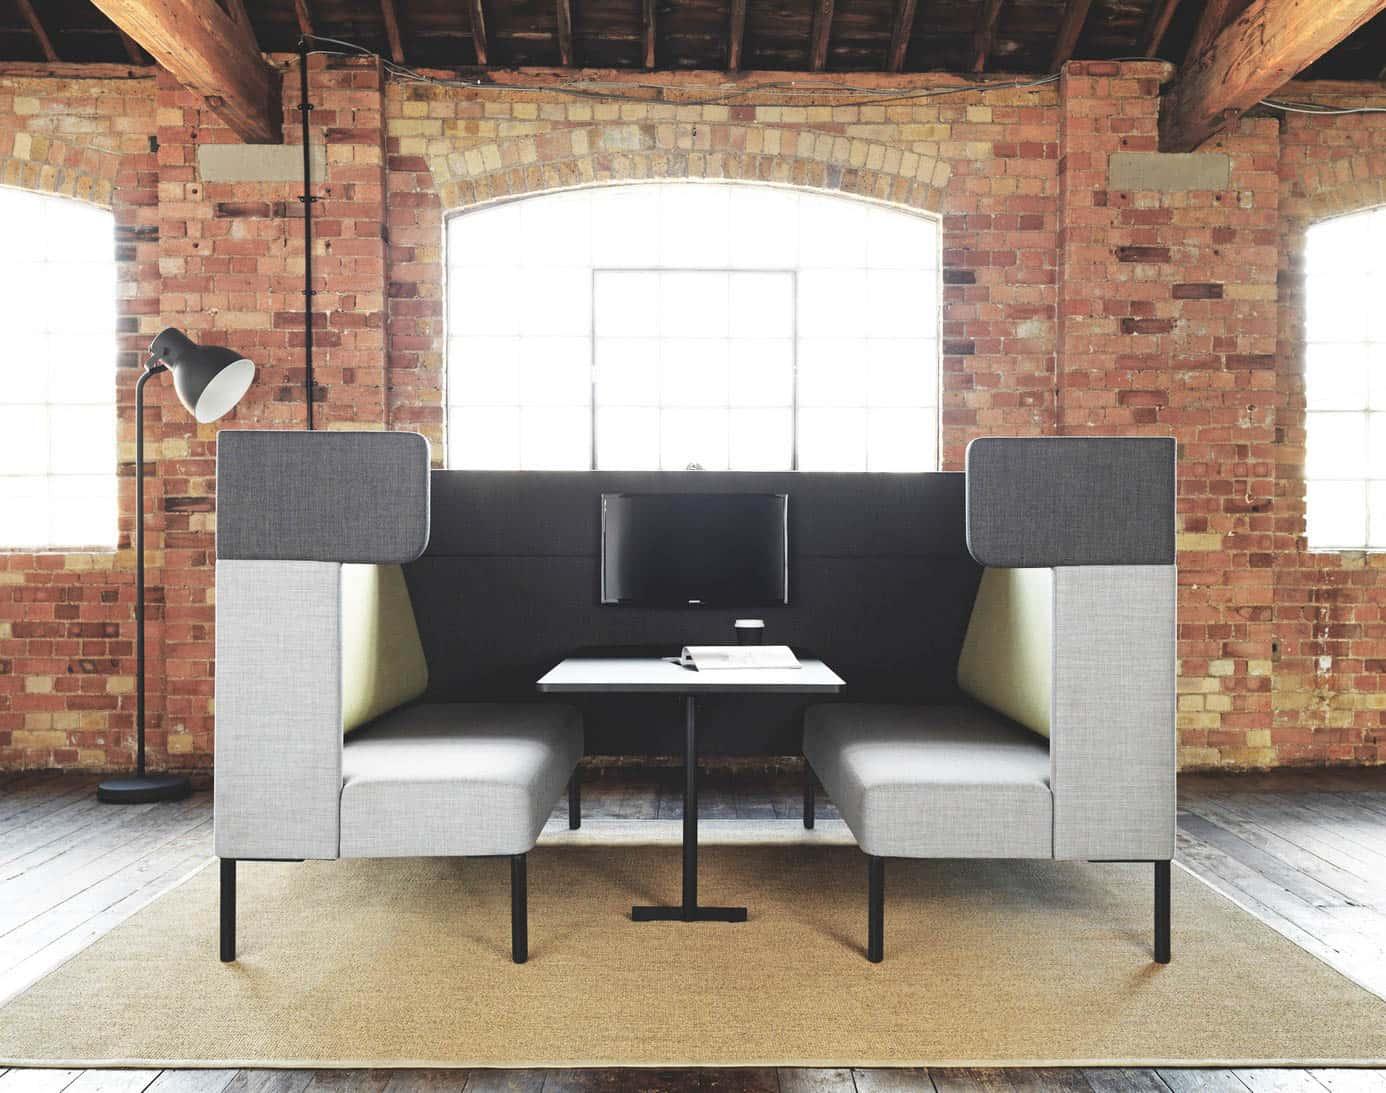 FOURDESIGN FOURUS BOOTH espace de travail pour 4 personnes avec